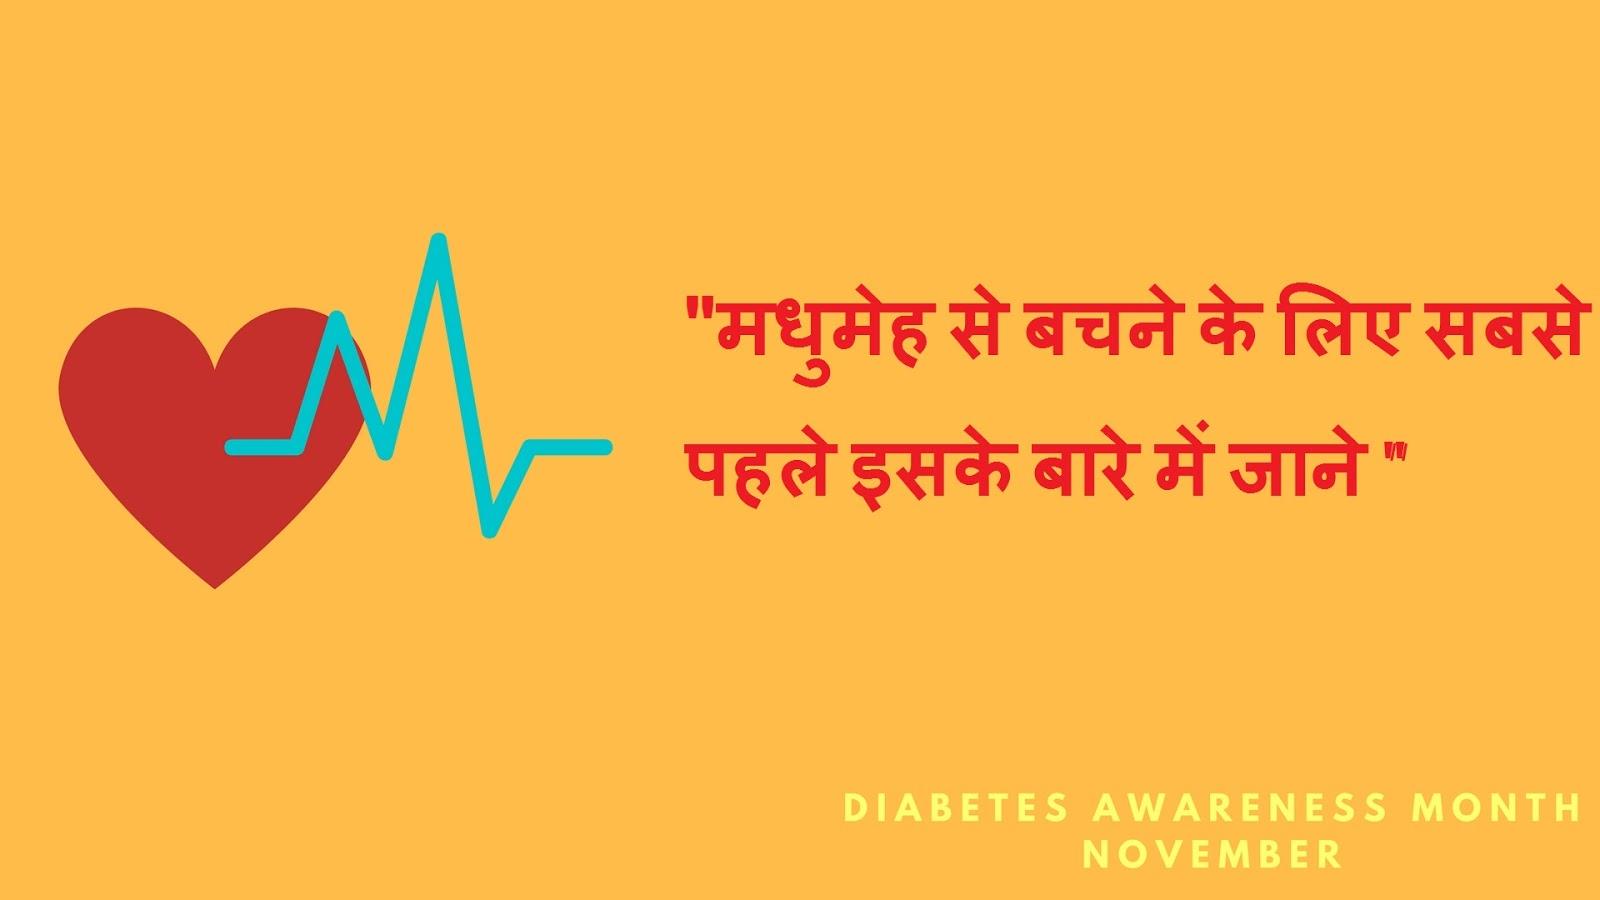 diabetes slogans in hindi